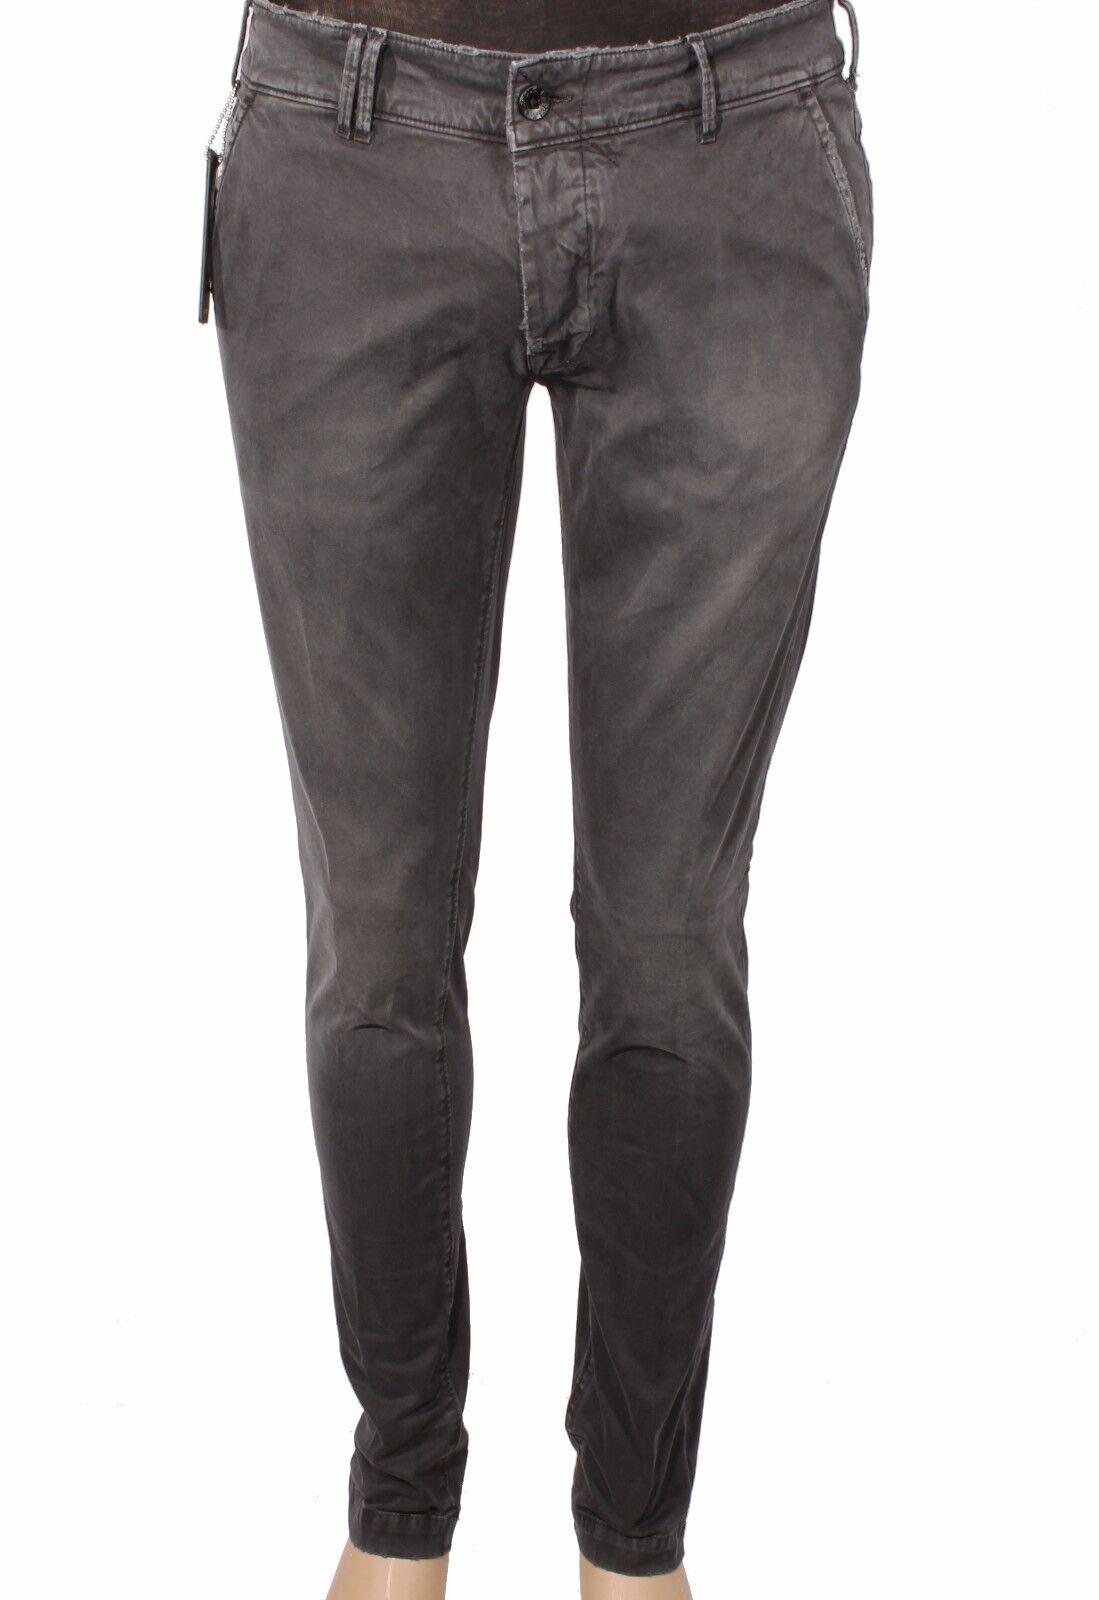 Pantalones de hombre CYCLE MPT049 S G102 T998 0999 SÚPER COMPACTO STRETCH